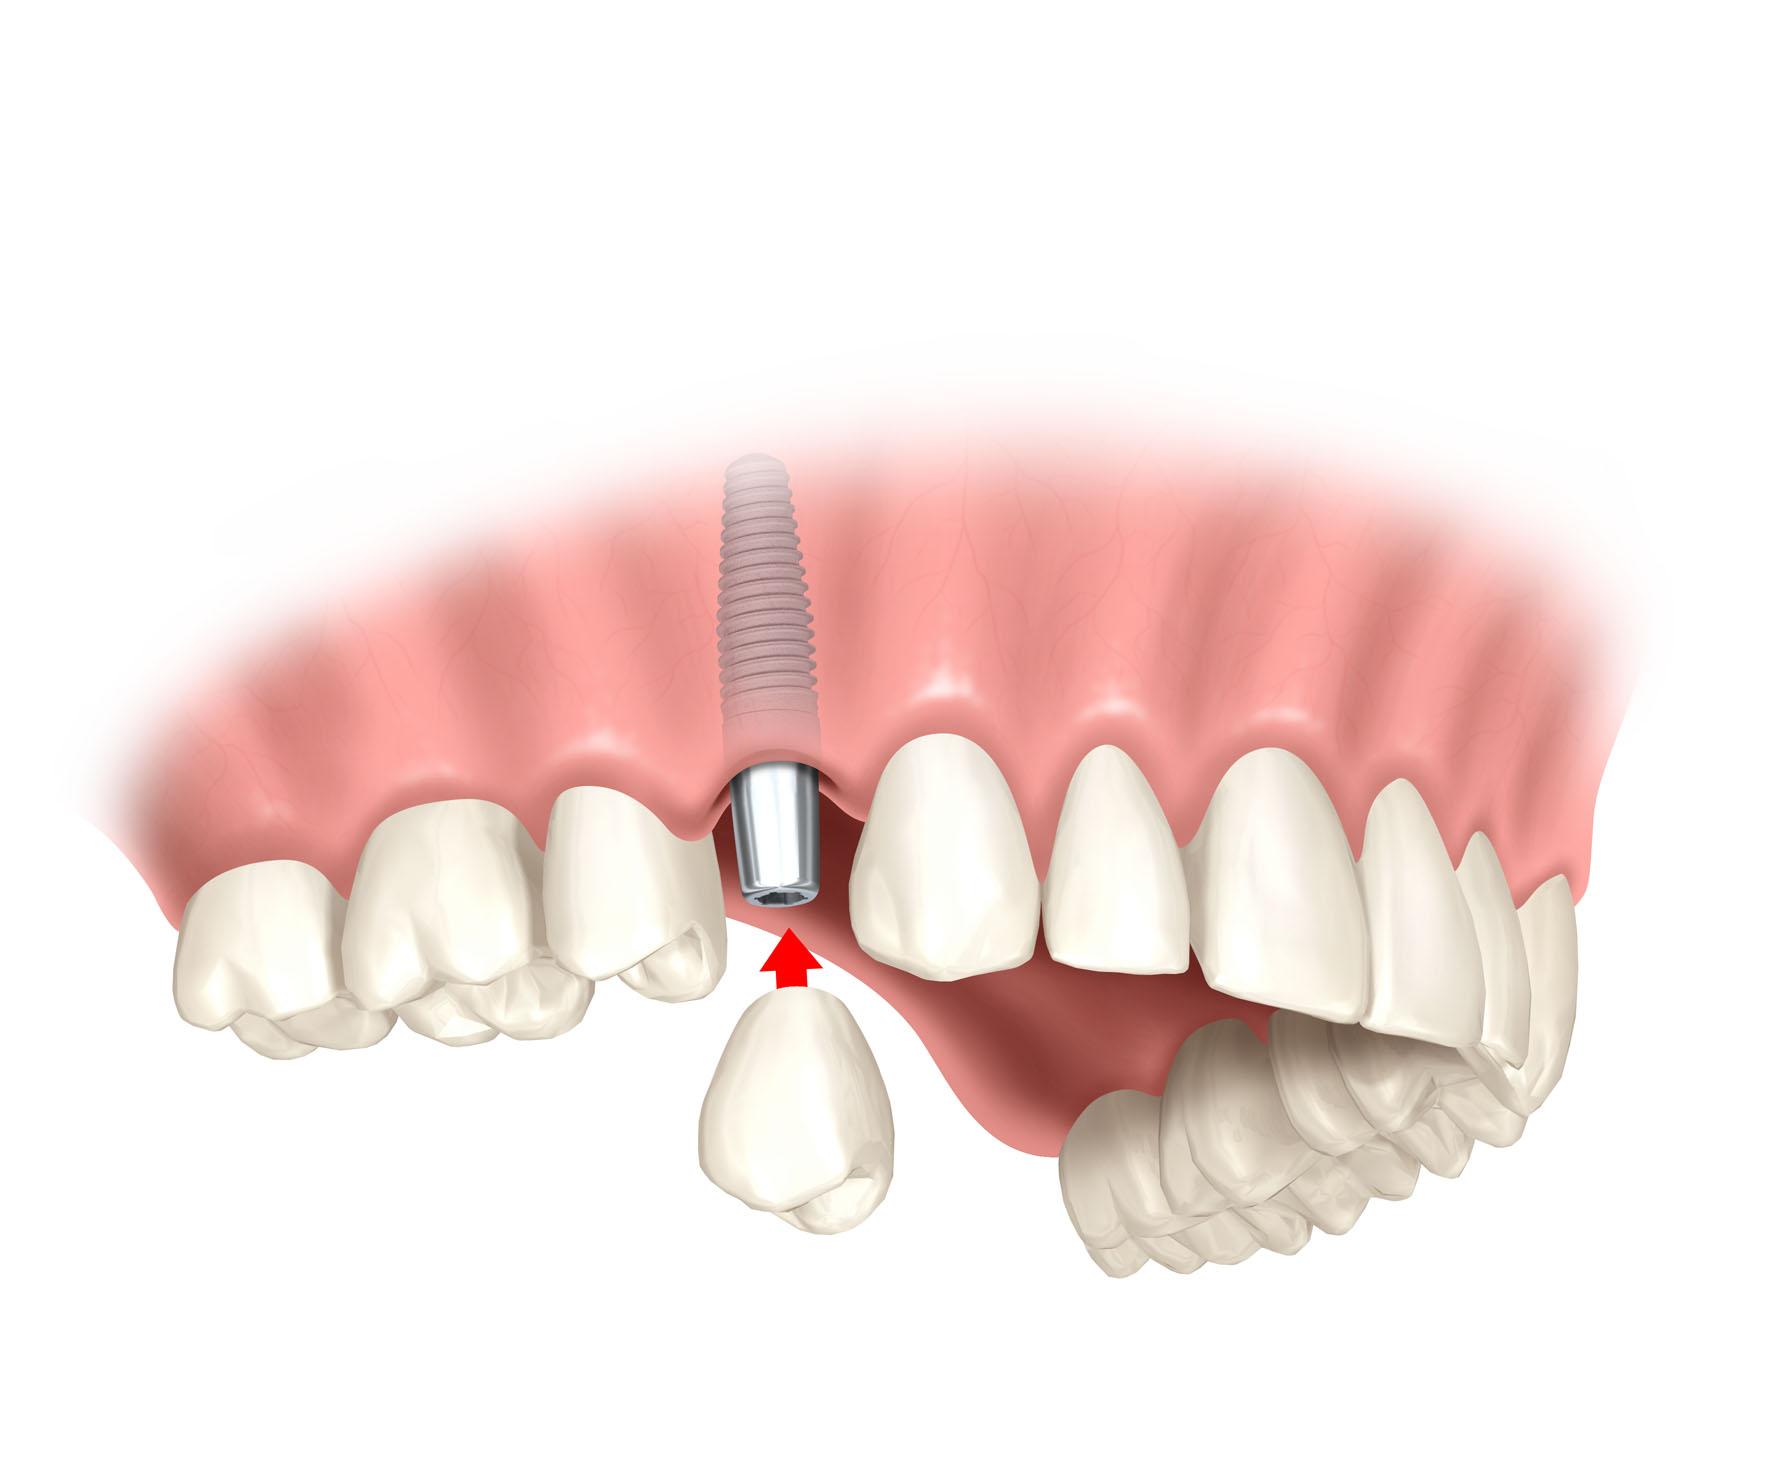 neuer zahn